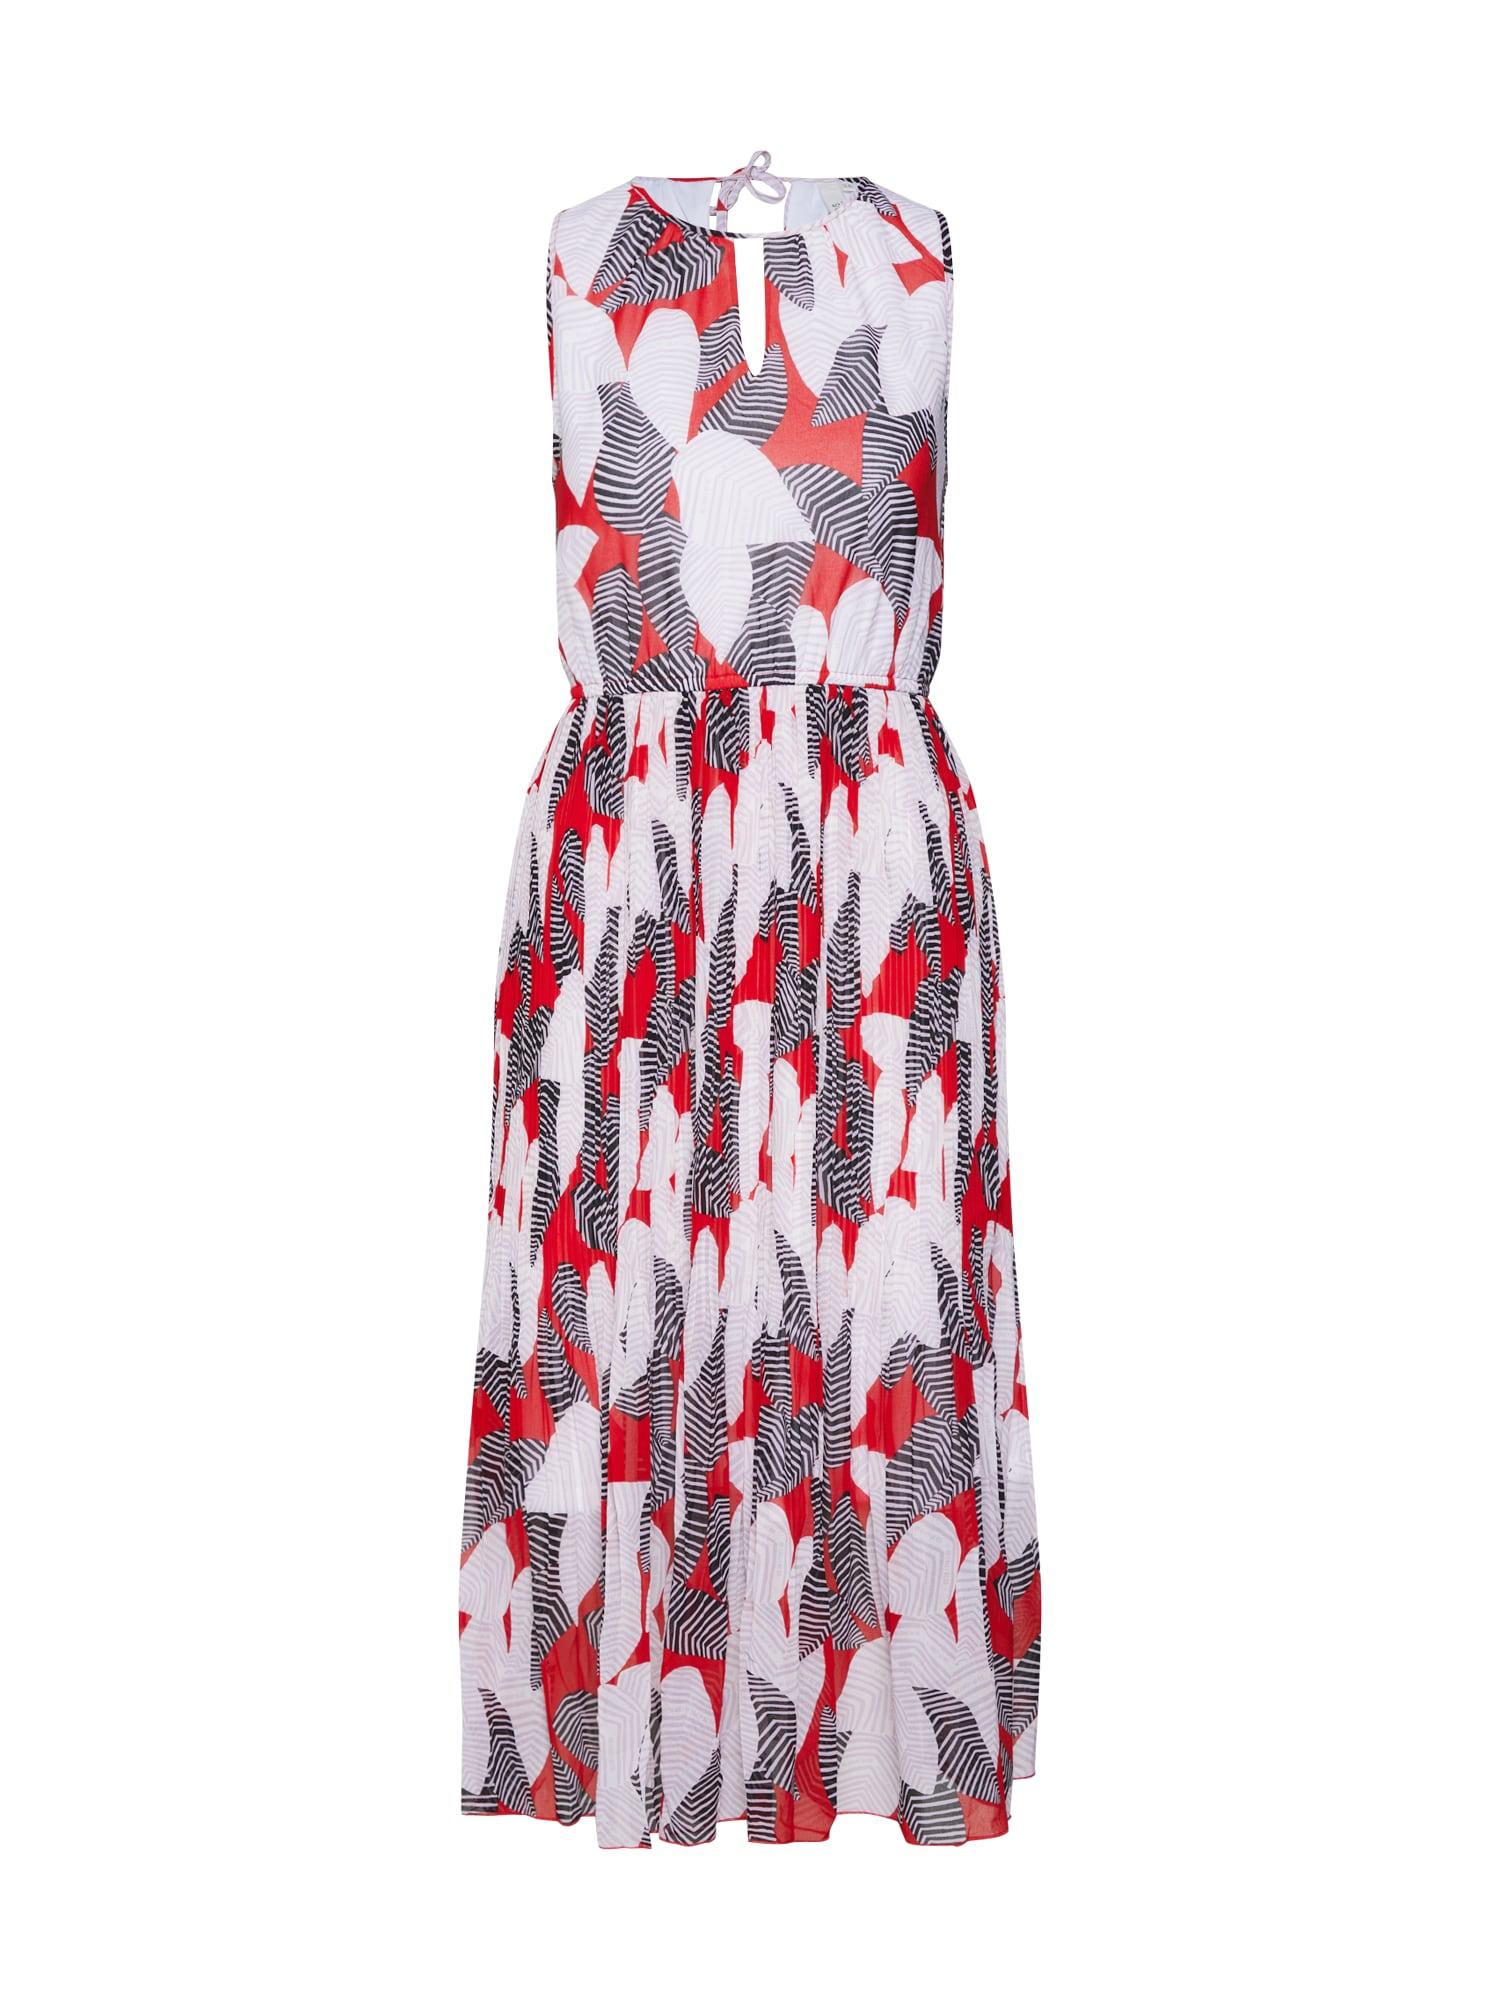 QS Designed By Letní šaty šedá červená bílá Q/S Designed By